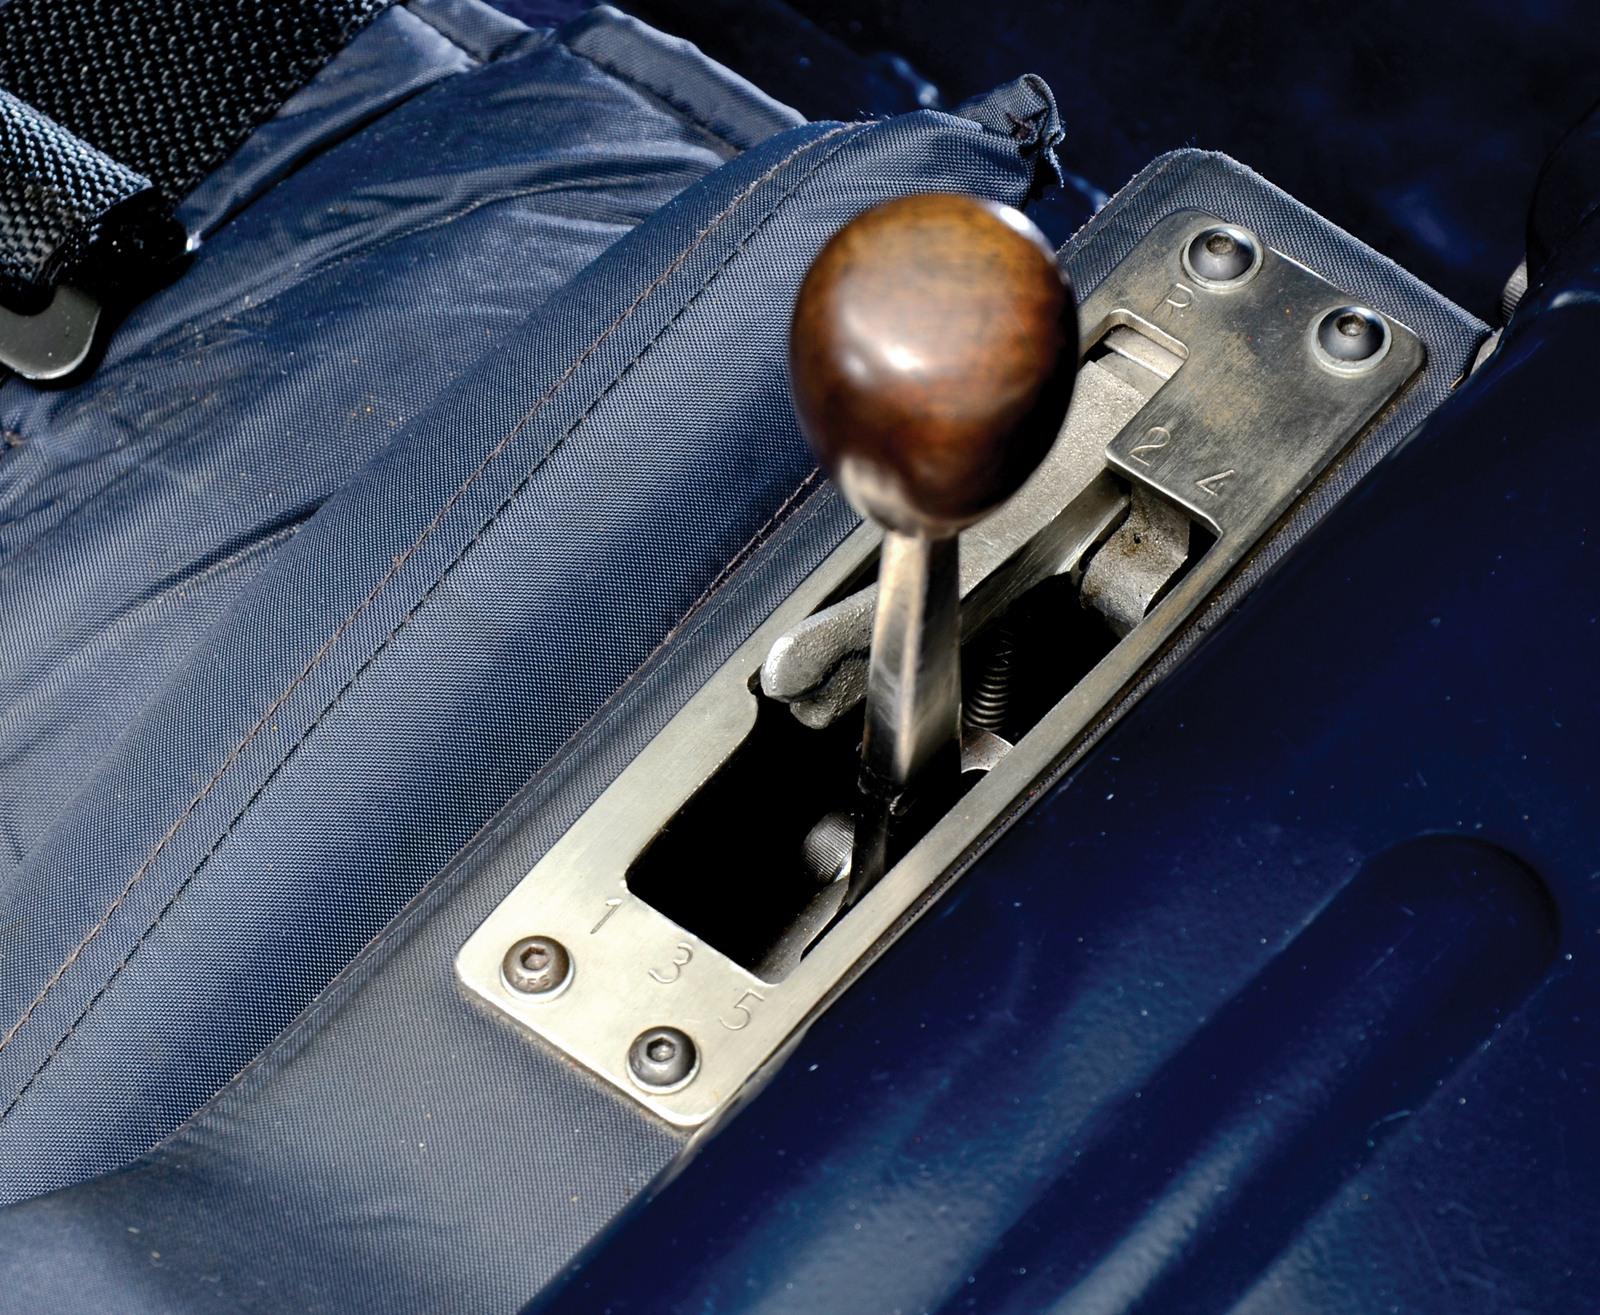 Σε δημοπρασία ένα Ford GT40